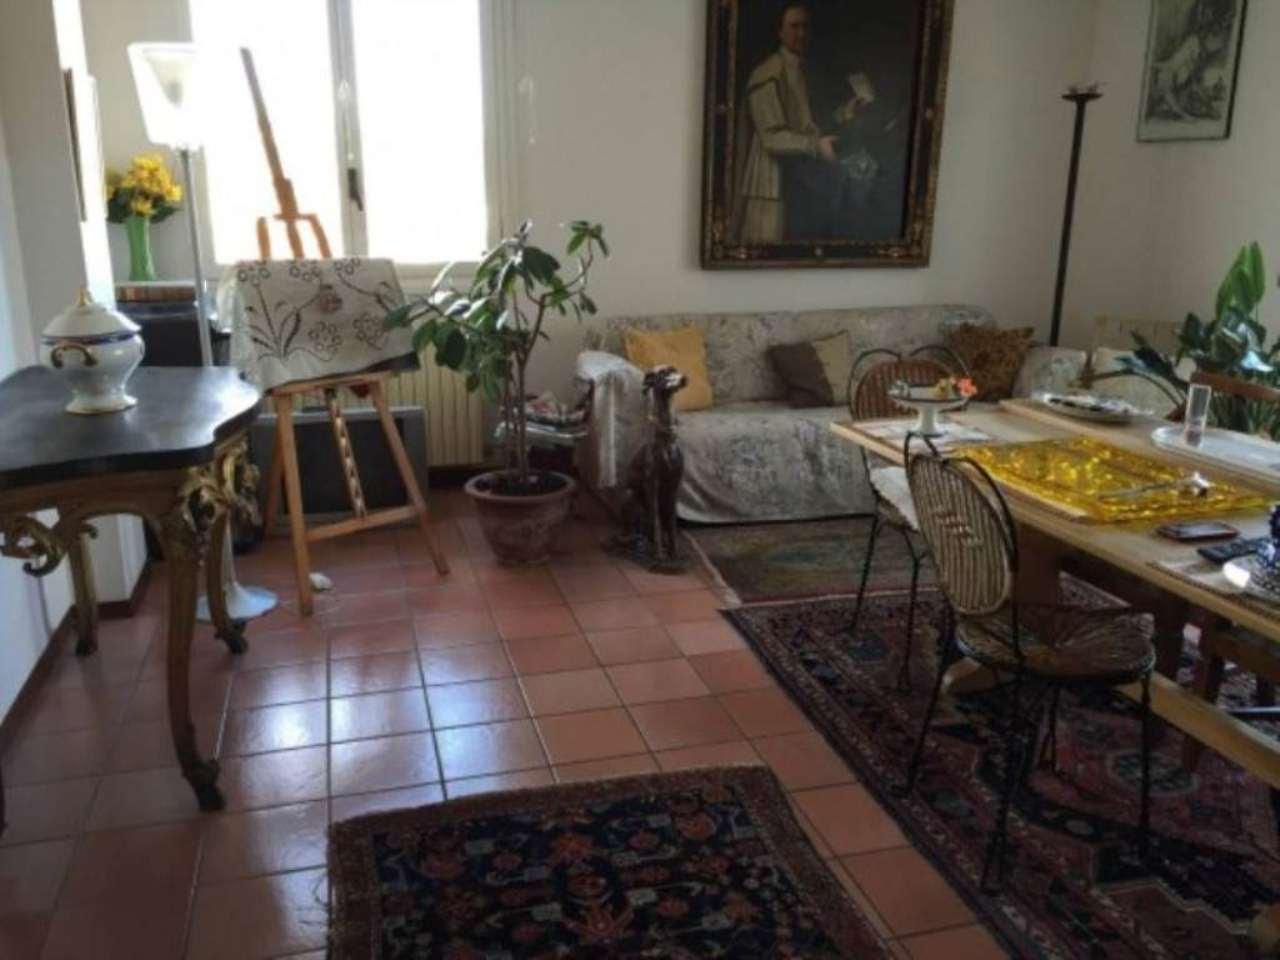 Attico / Mansarda in vendita a Fano, 3 locali, prezzo € 250.000 | Cambio Casa.it